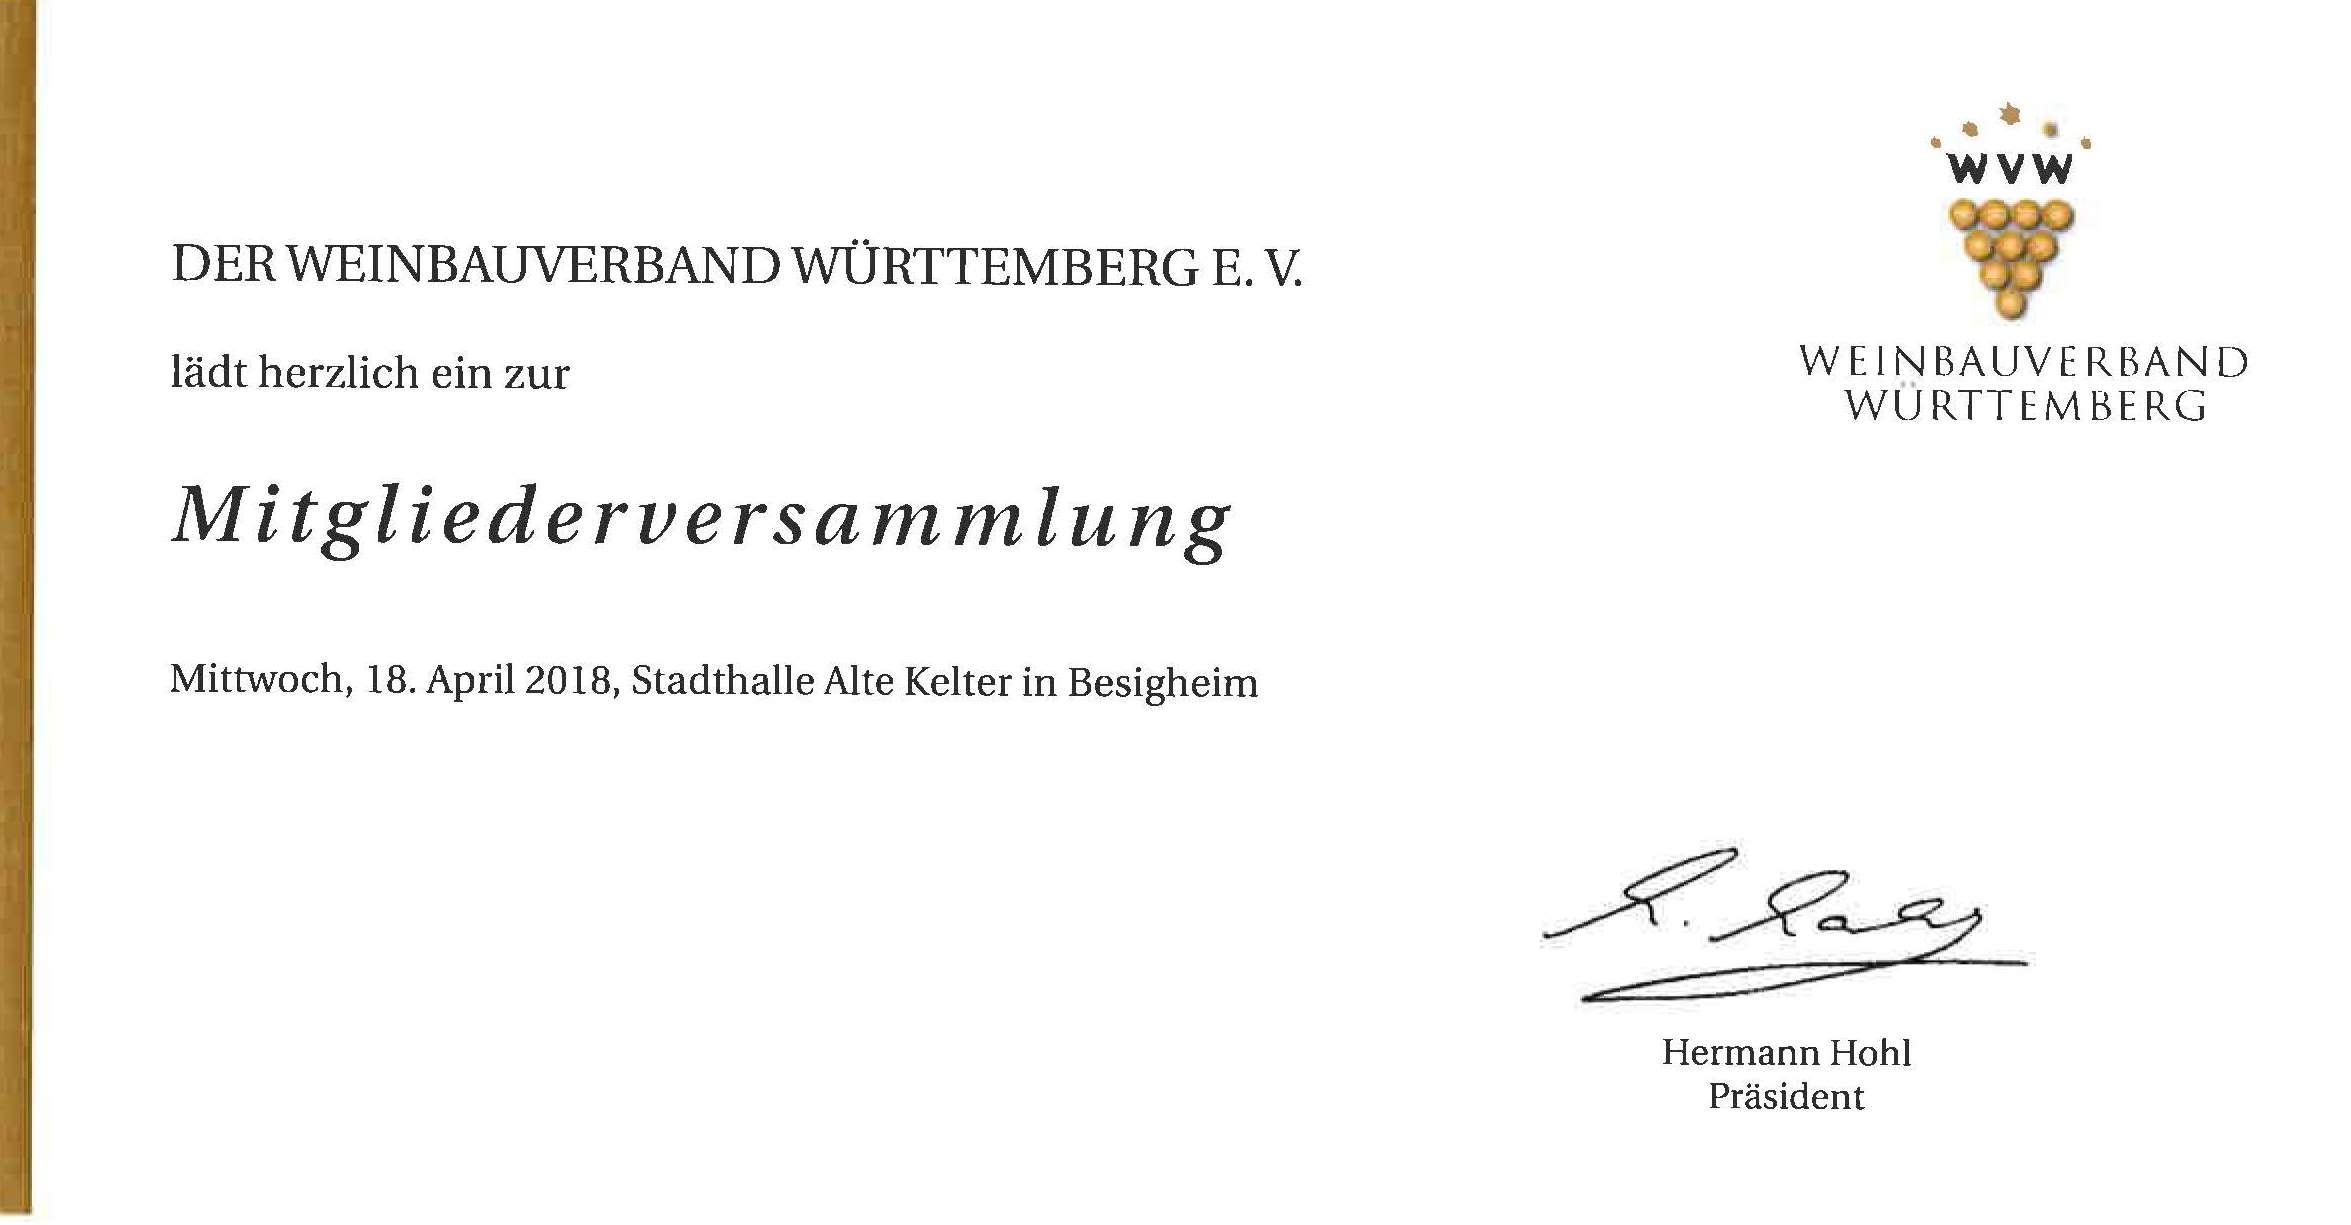 Einladung nach Besigheim